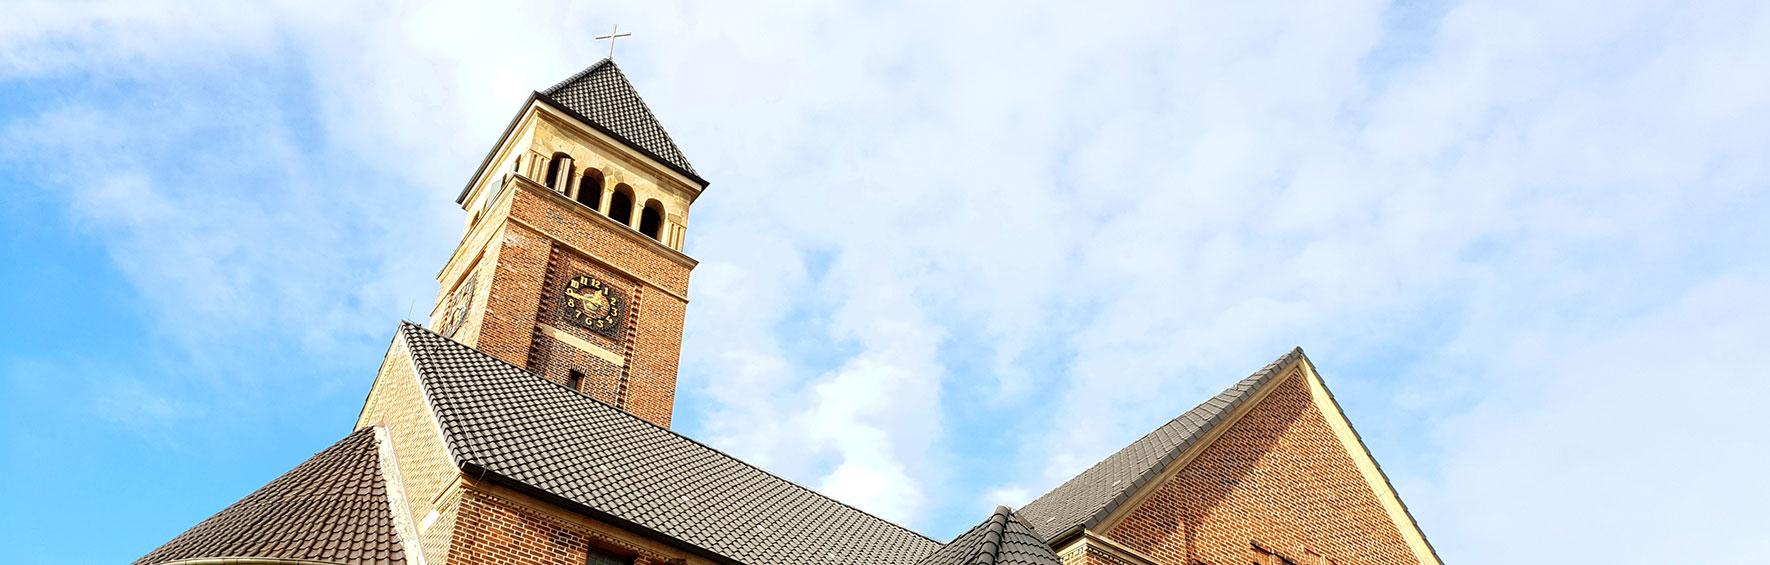 header-kirchturmspitze